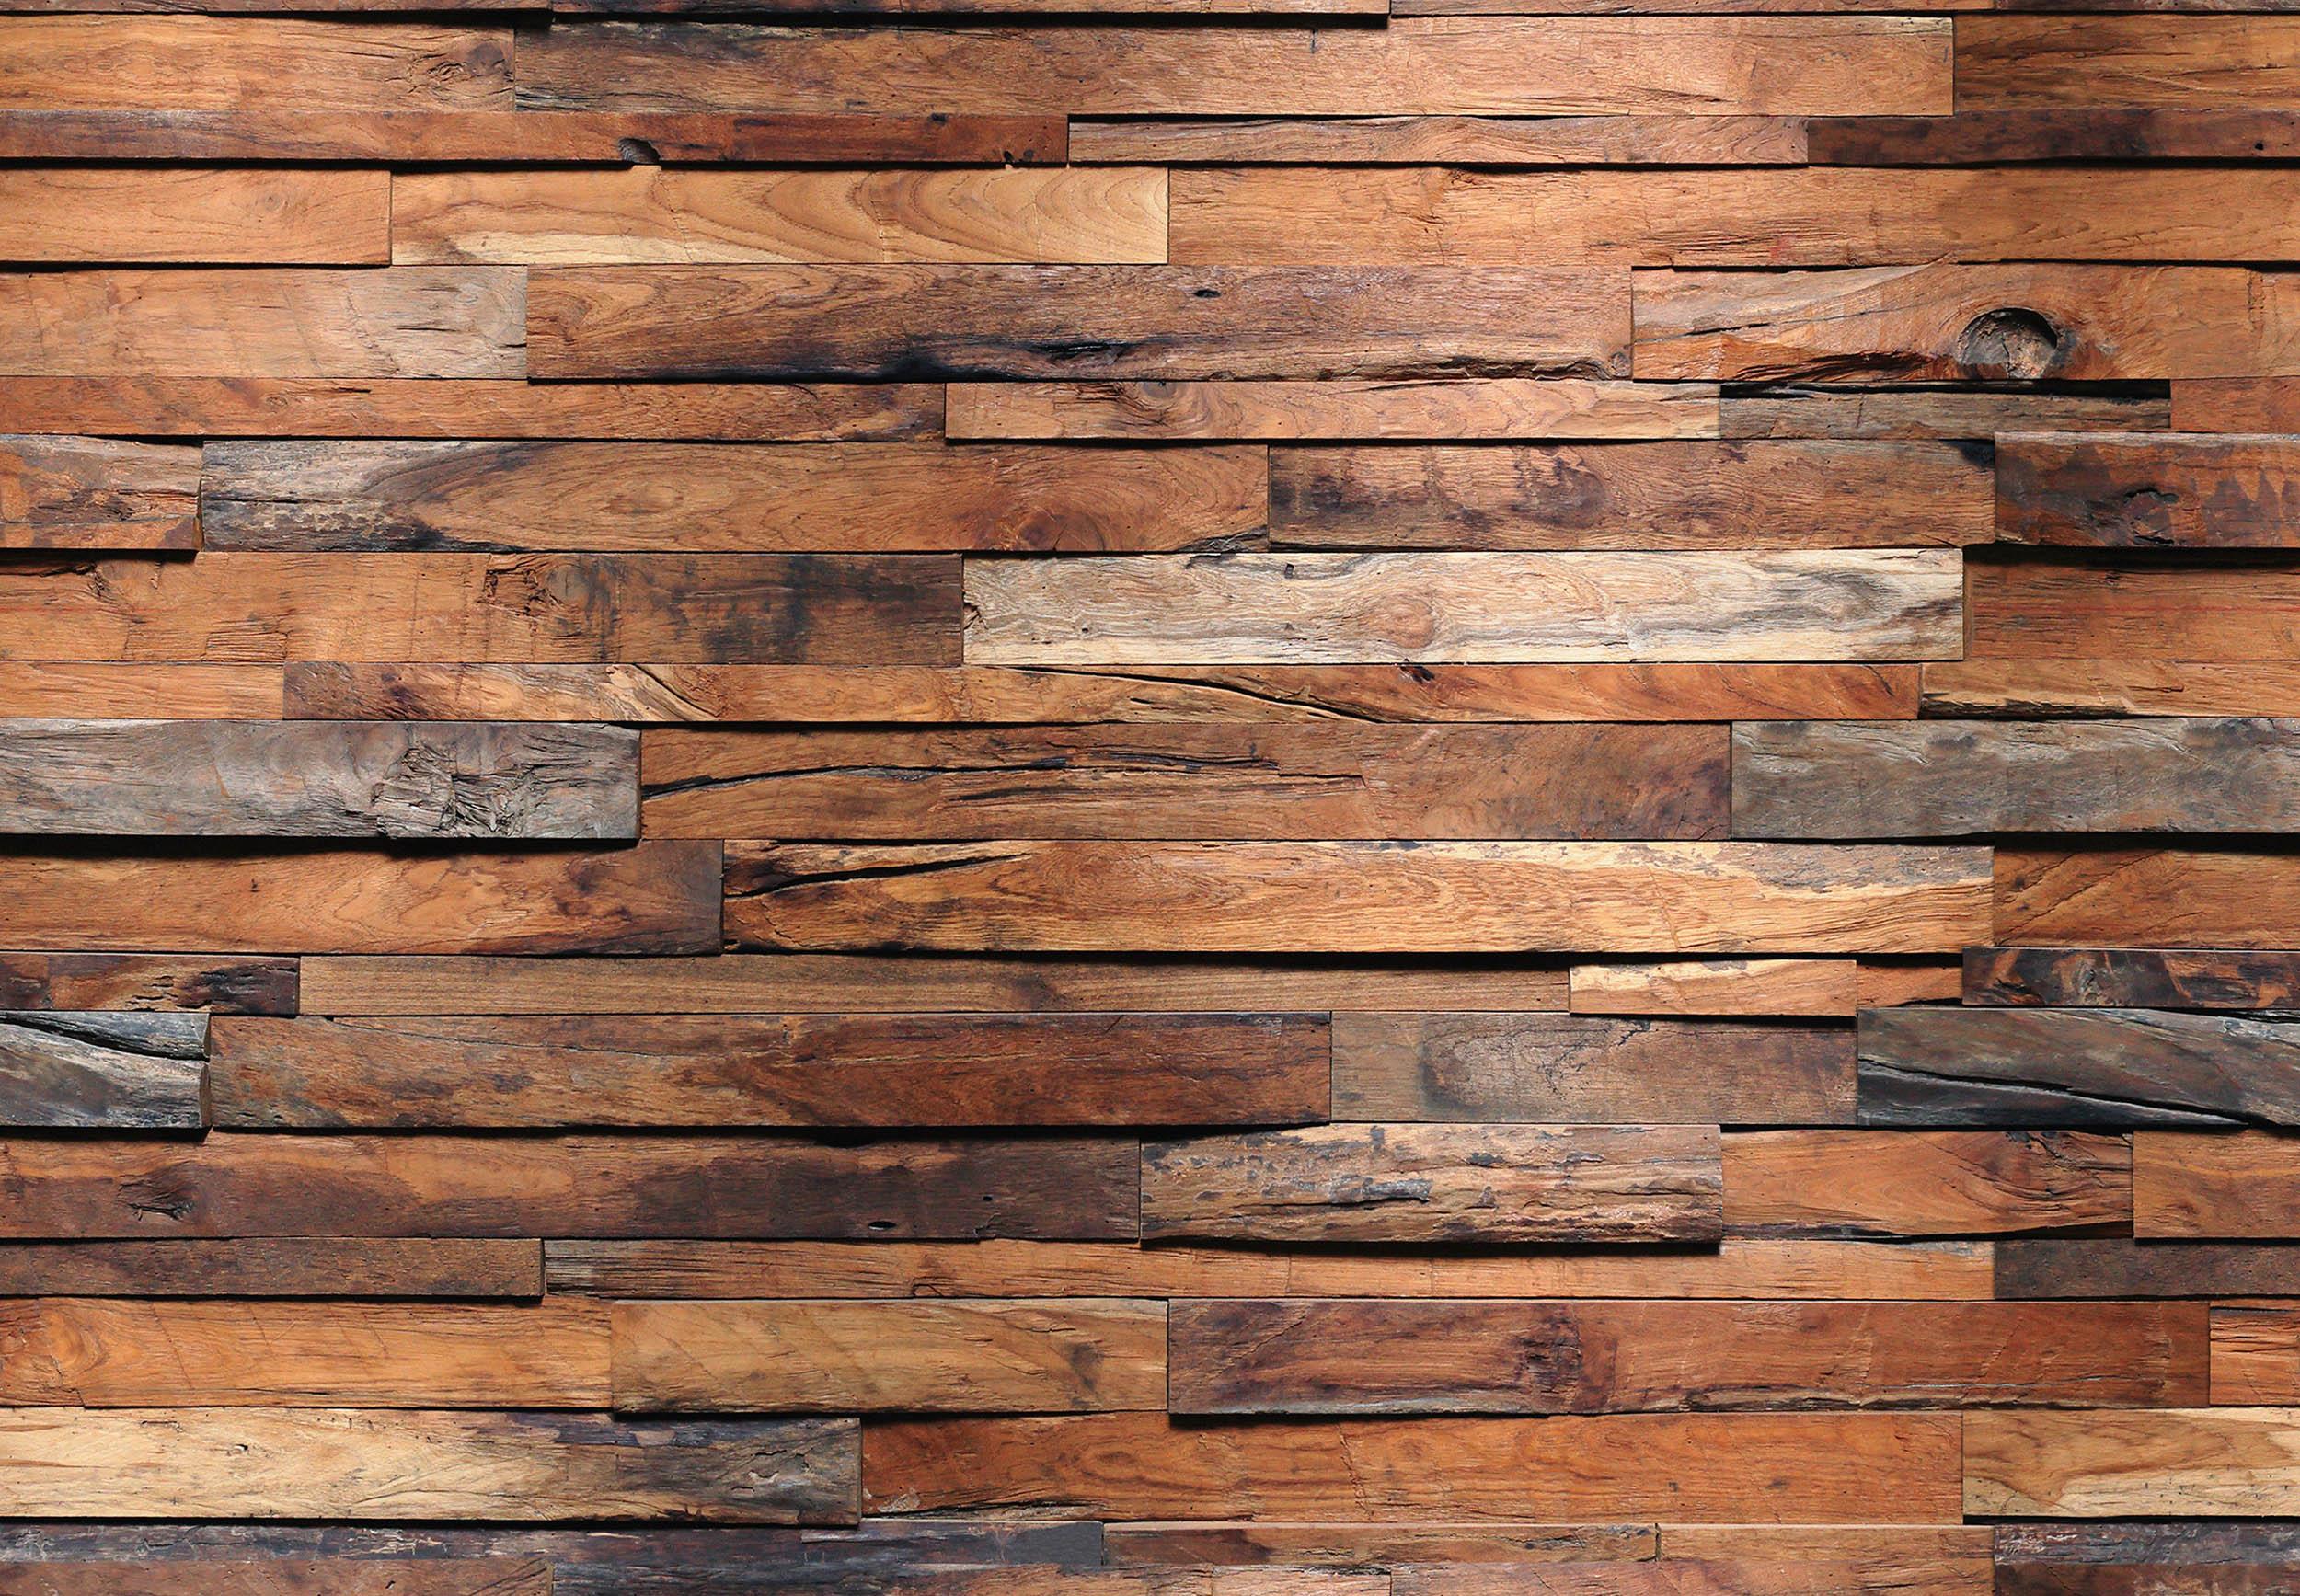 Nett Holzwand Wohnzimmer Selber Bauen Andere Galerien